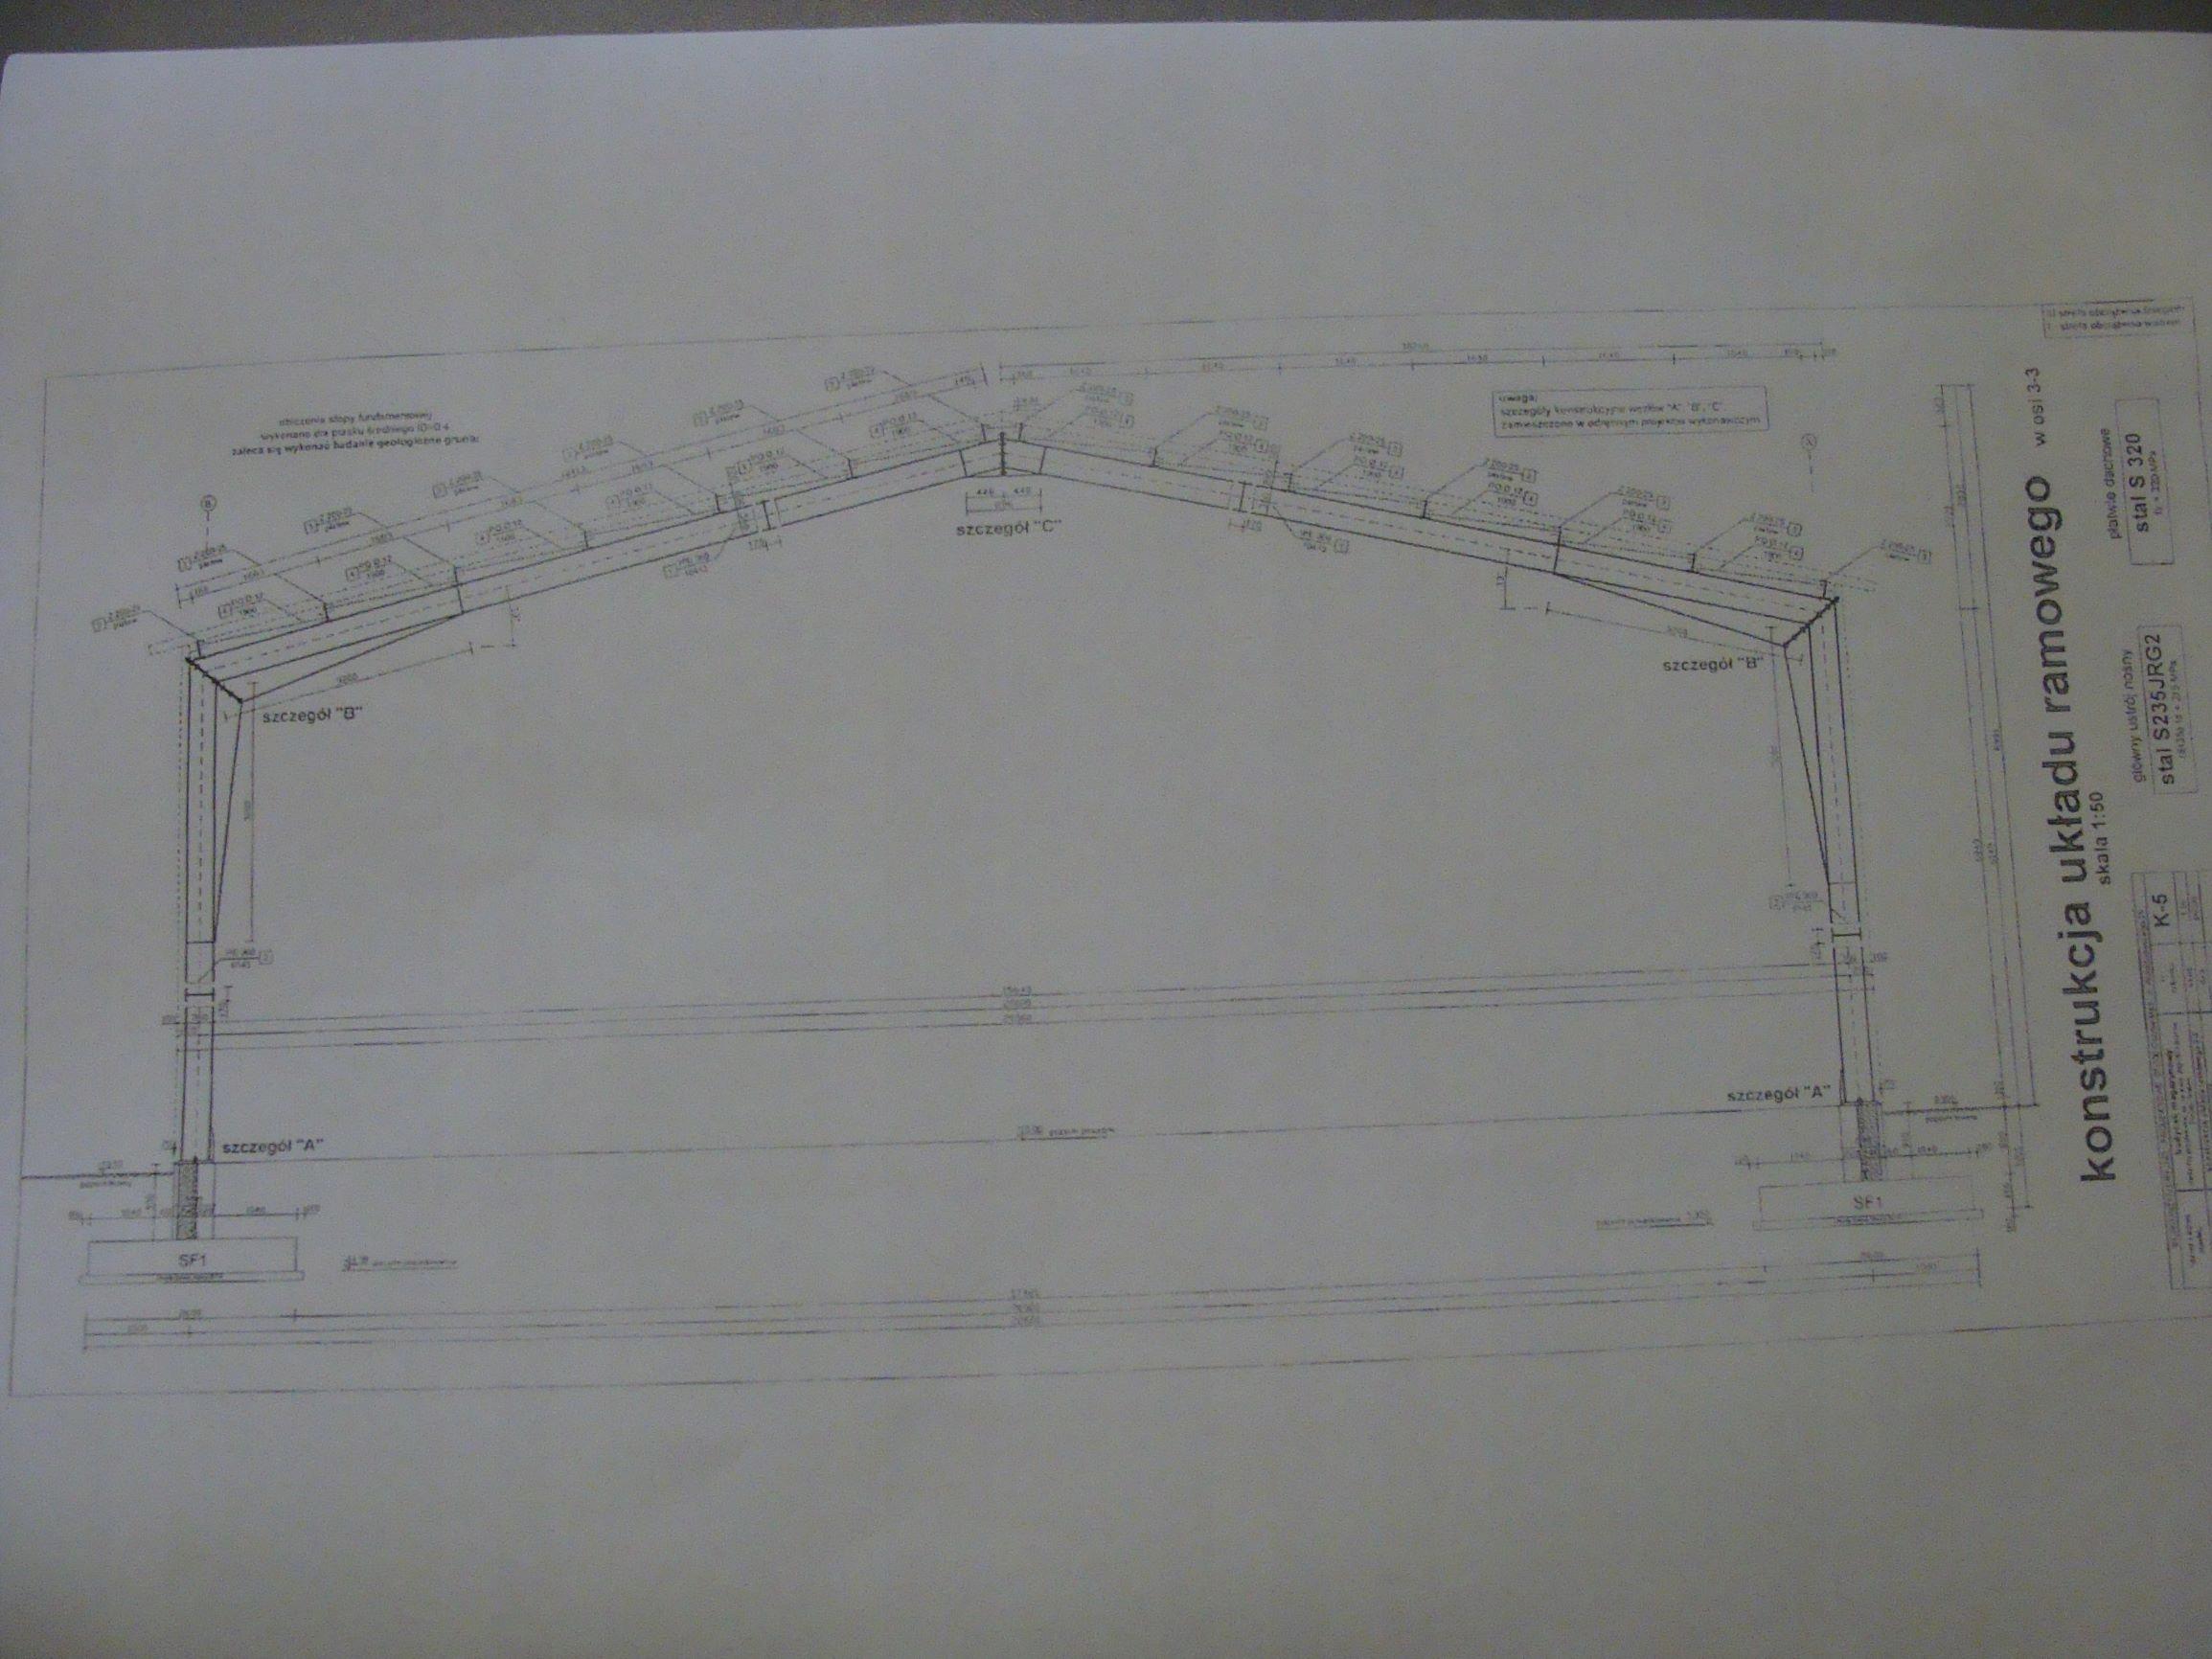 Konstrukcja stalowa hala wiata magazyn 20x54x6,2